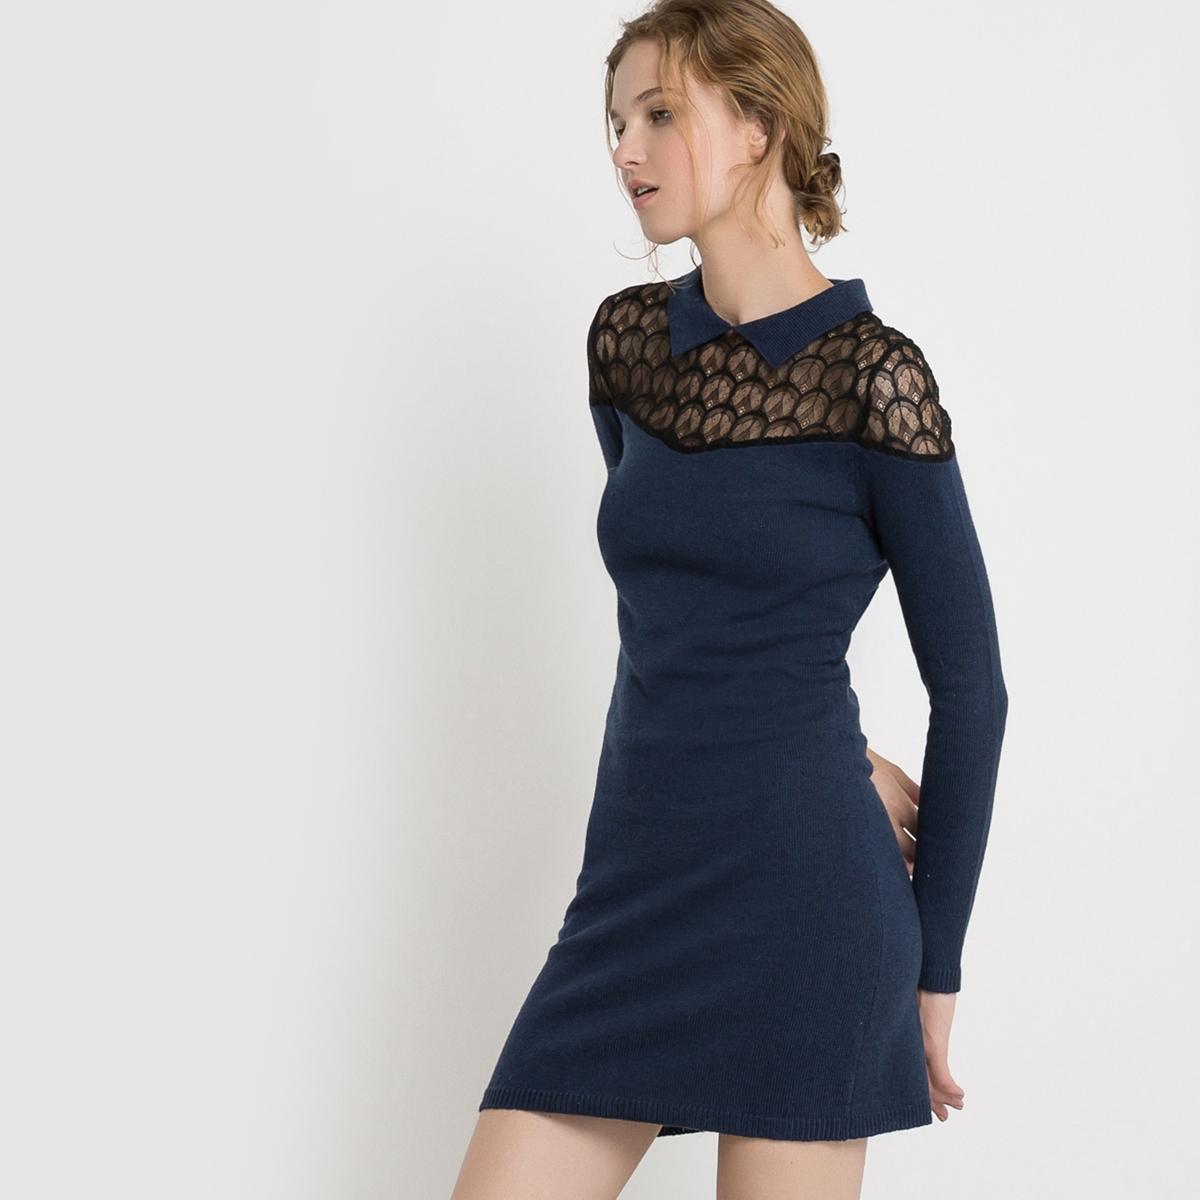 Платье из вязаного трикотажа и кружеваПлатье с длинными рукавами Mademoiselle R. Платье из вязаного трикотажа. Прямой покрой. Вставка из кружева на воротнике. Воротник-поло. Застежка на молнию сзади.Состав и описаниеМарка : Mademoiselle R.Материал : 50% полиамида, 45% вискозы, 5% альпаки Длина : 90 смУходМашинная стирка при 30 °C   Стирать с вещами схожих цветовСтирать и гладить при очень низкой температуре с изнаночной стороныГладить кружево запрещается<br><br>Цвет: темно-синий<br>Размер: 38/40 (FR) - 44/46 (RUS)